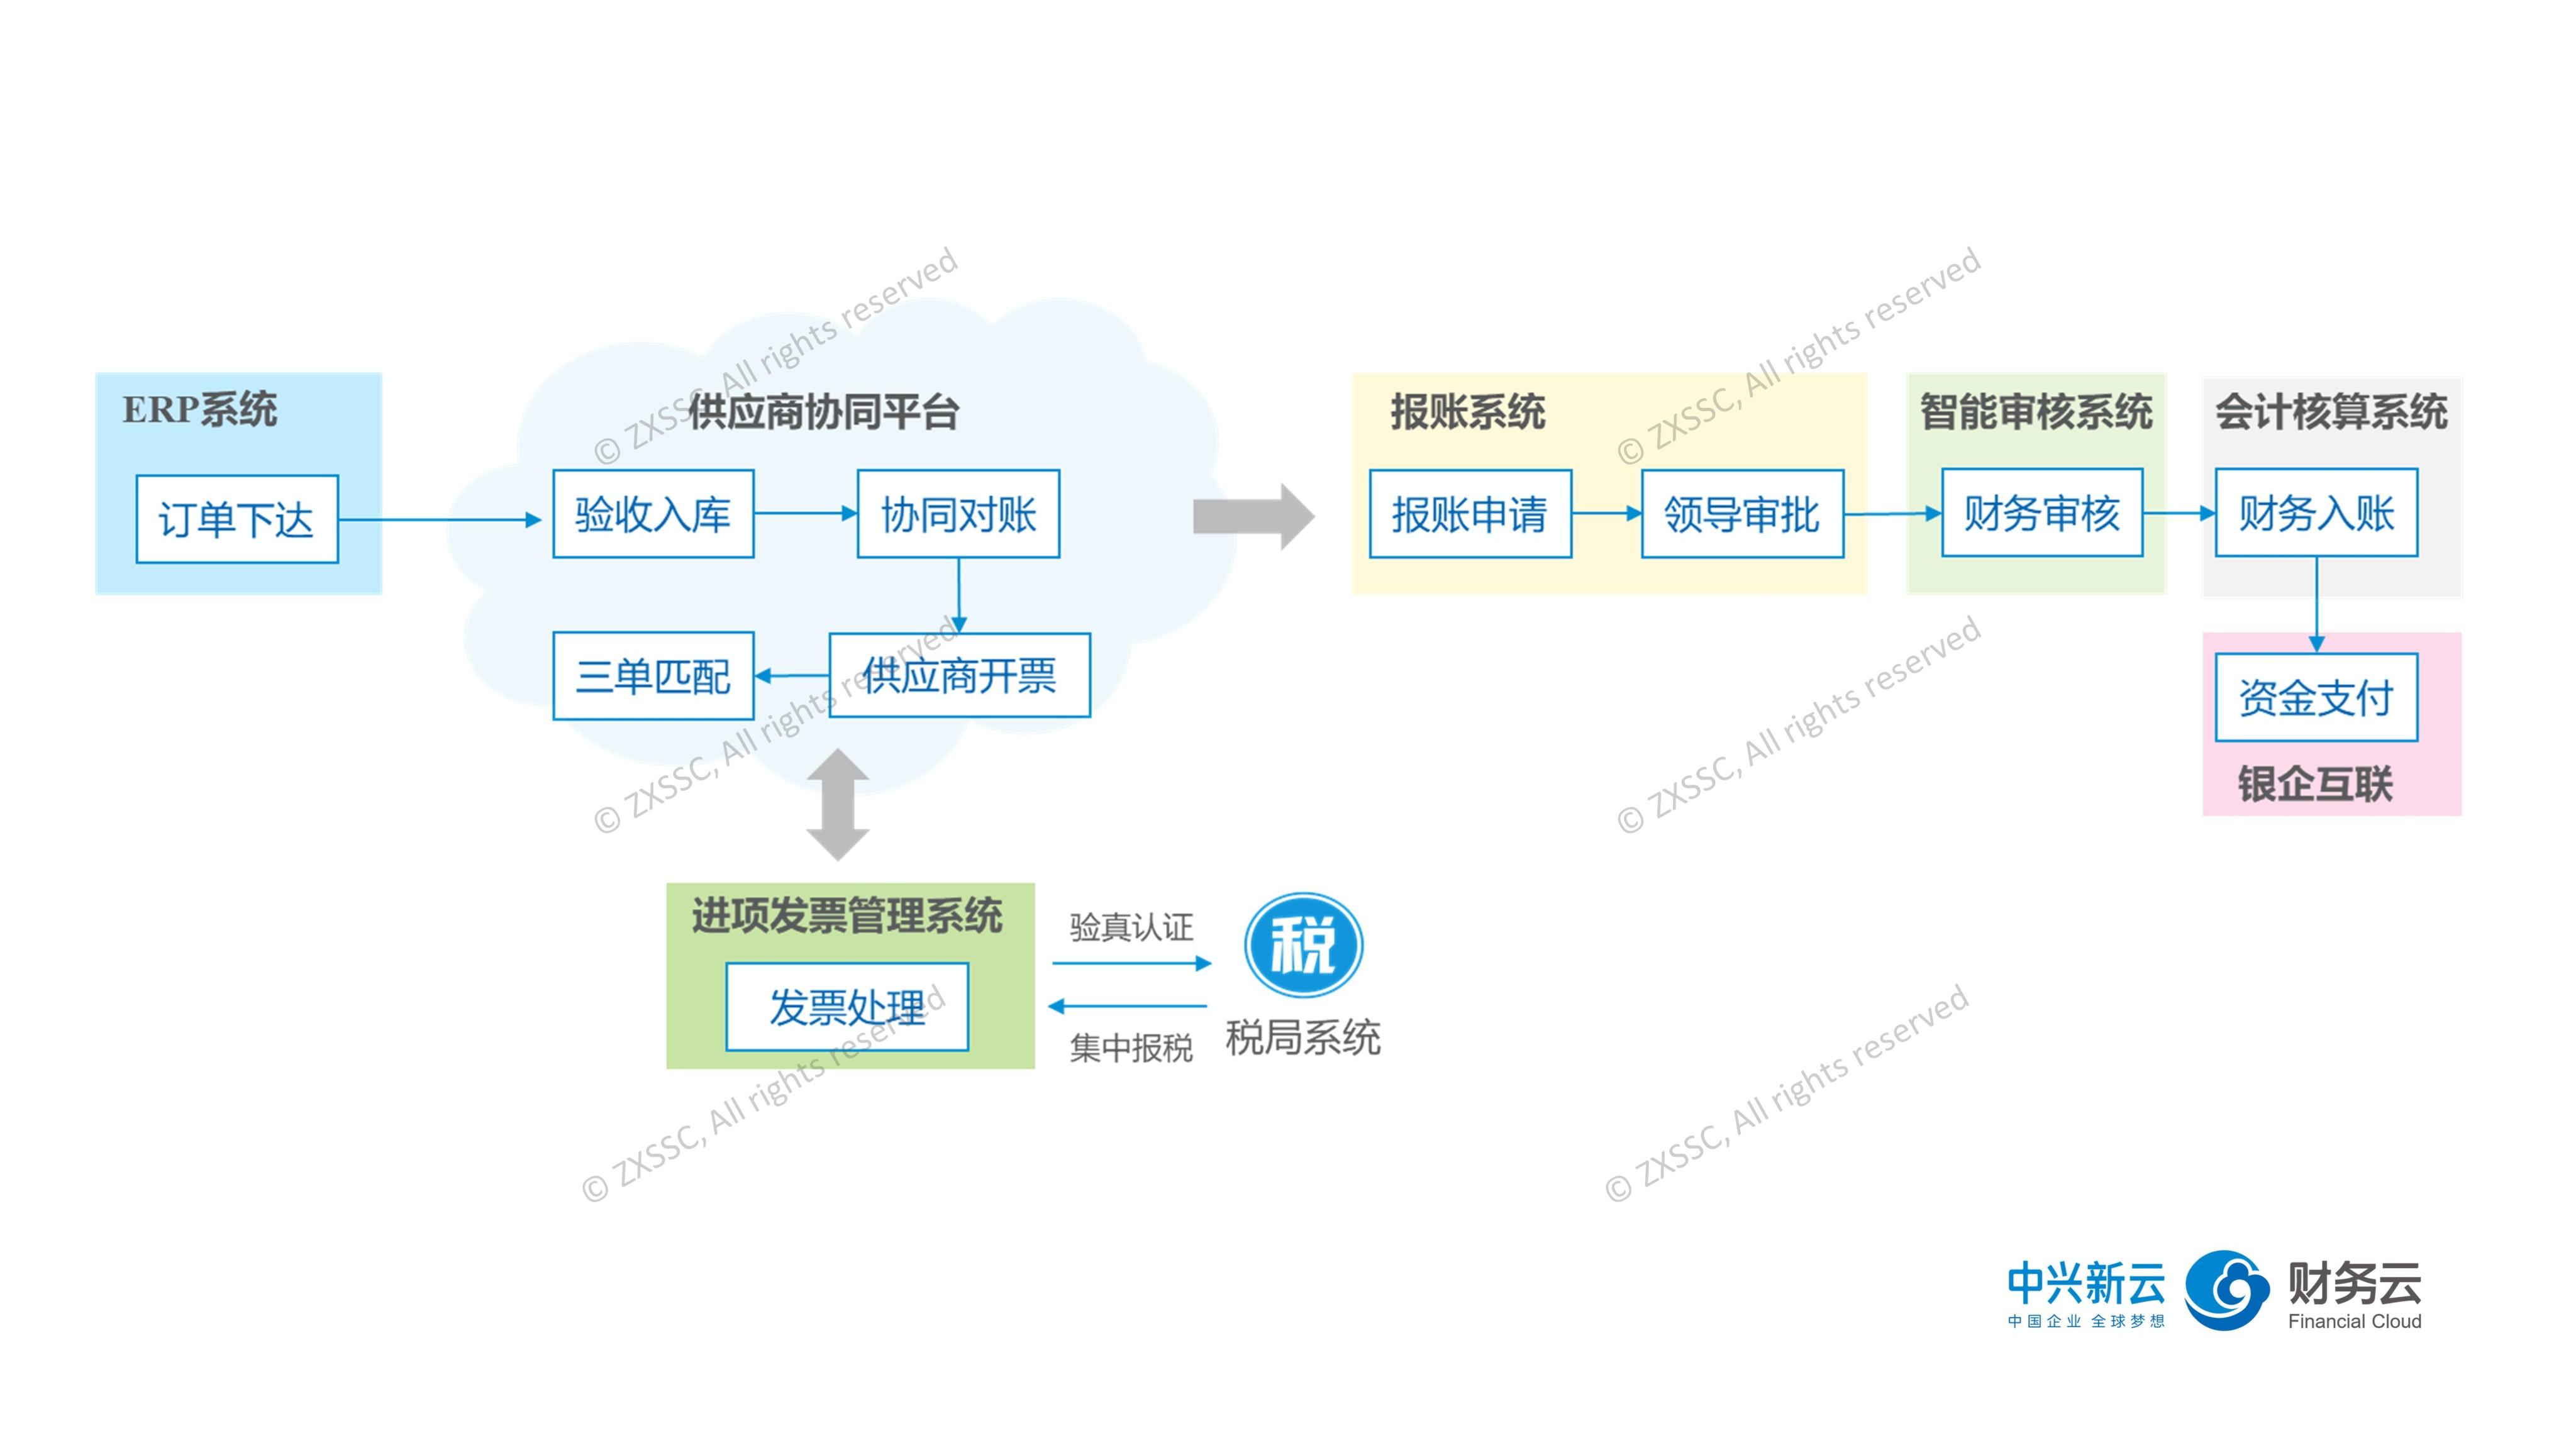 专票电子化PPT (4).jpg